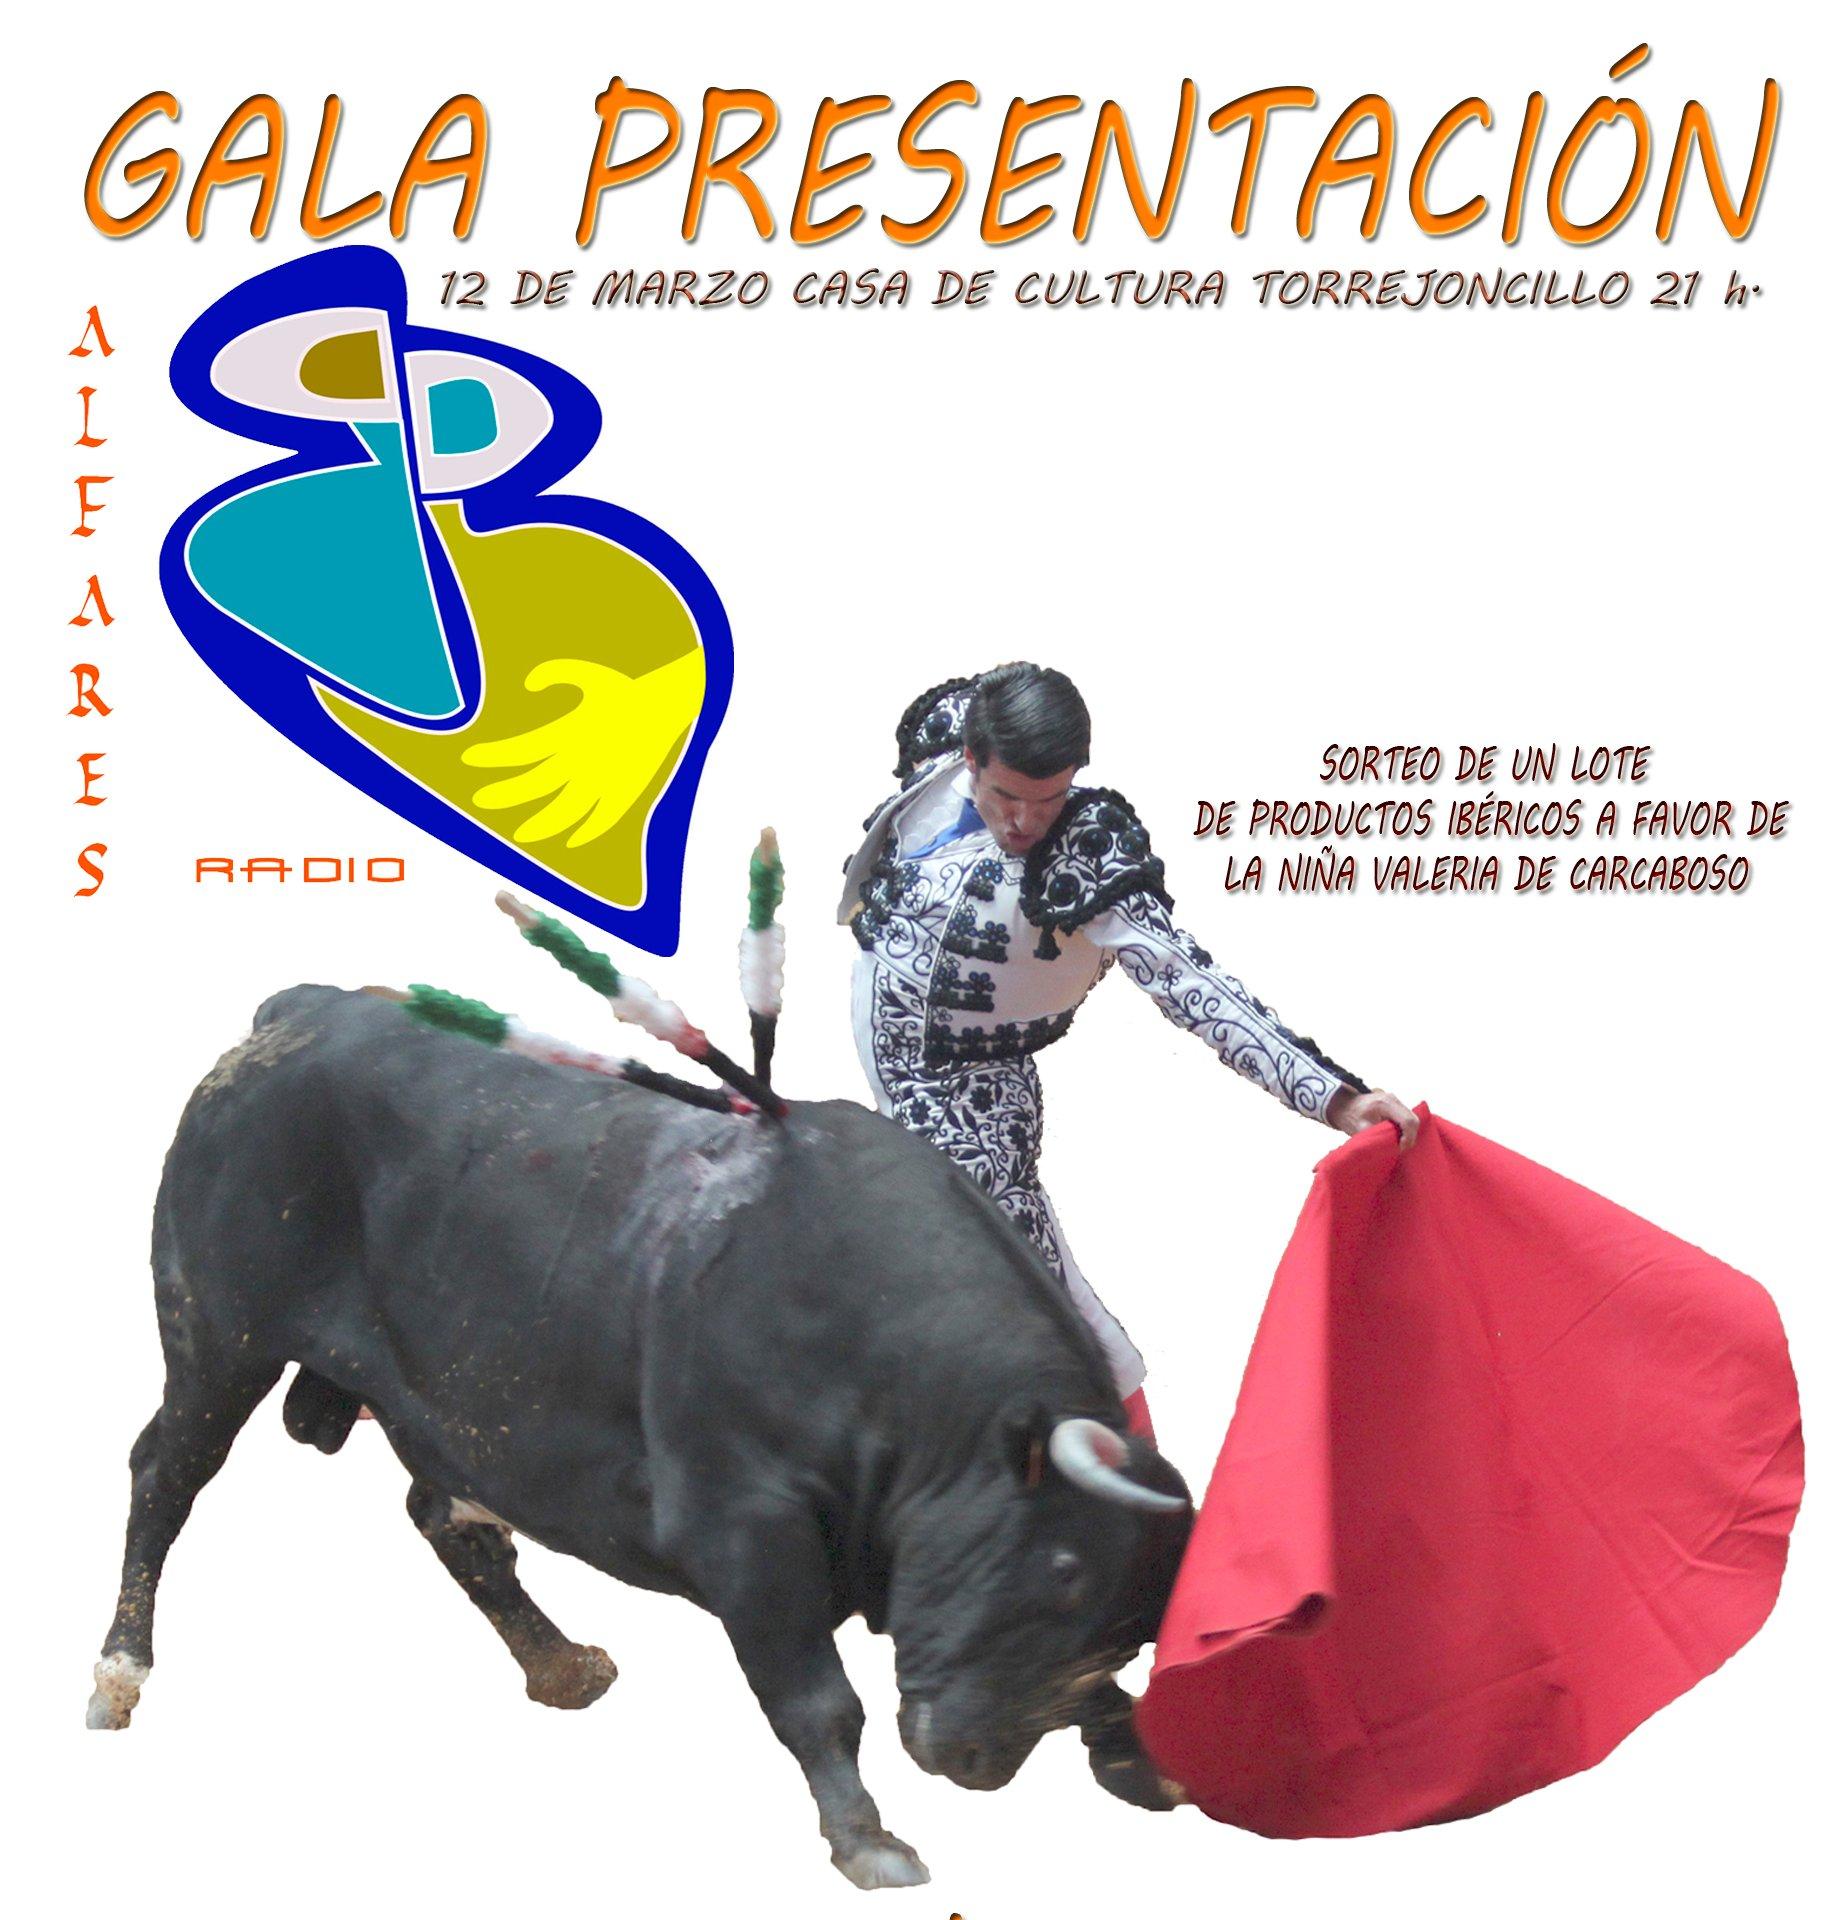 Gala – Homenaje a Emilio de Justo y apoyo a Valeria en la presentación de Radio Alfares